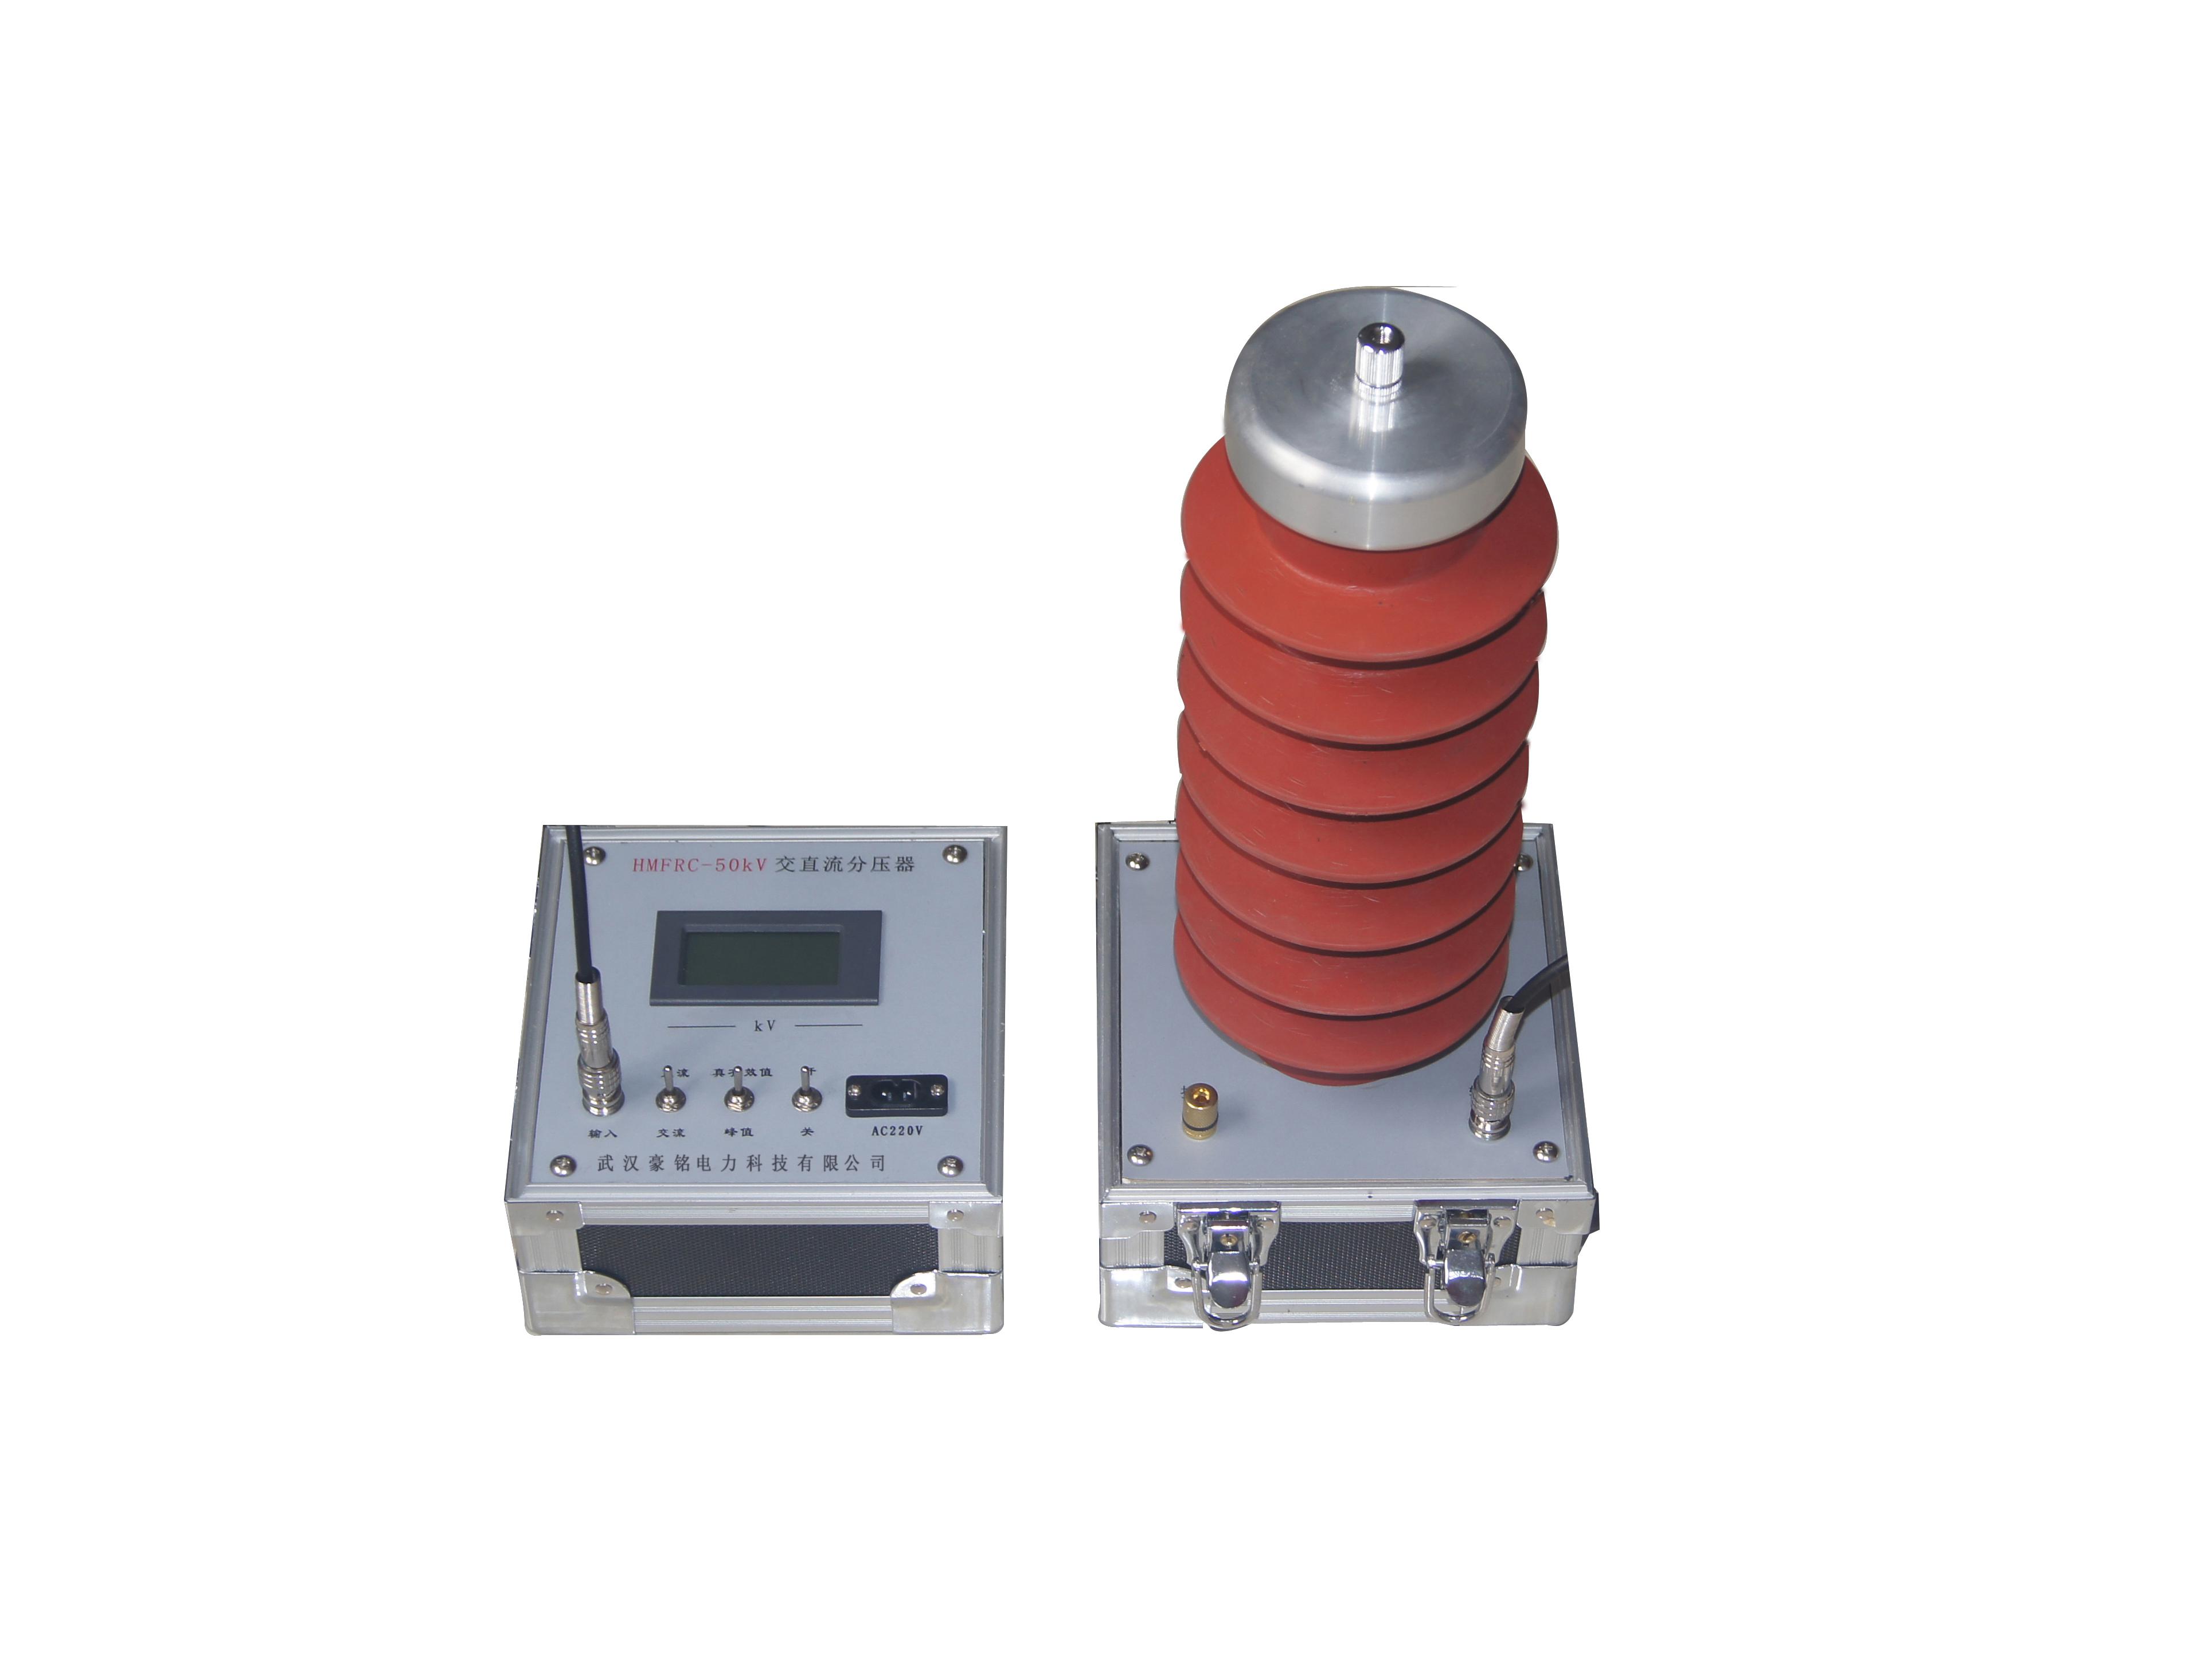 HMFRC系列交直流分壓器(數字高壓表)